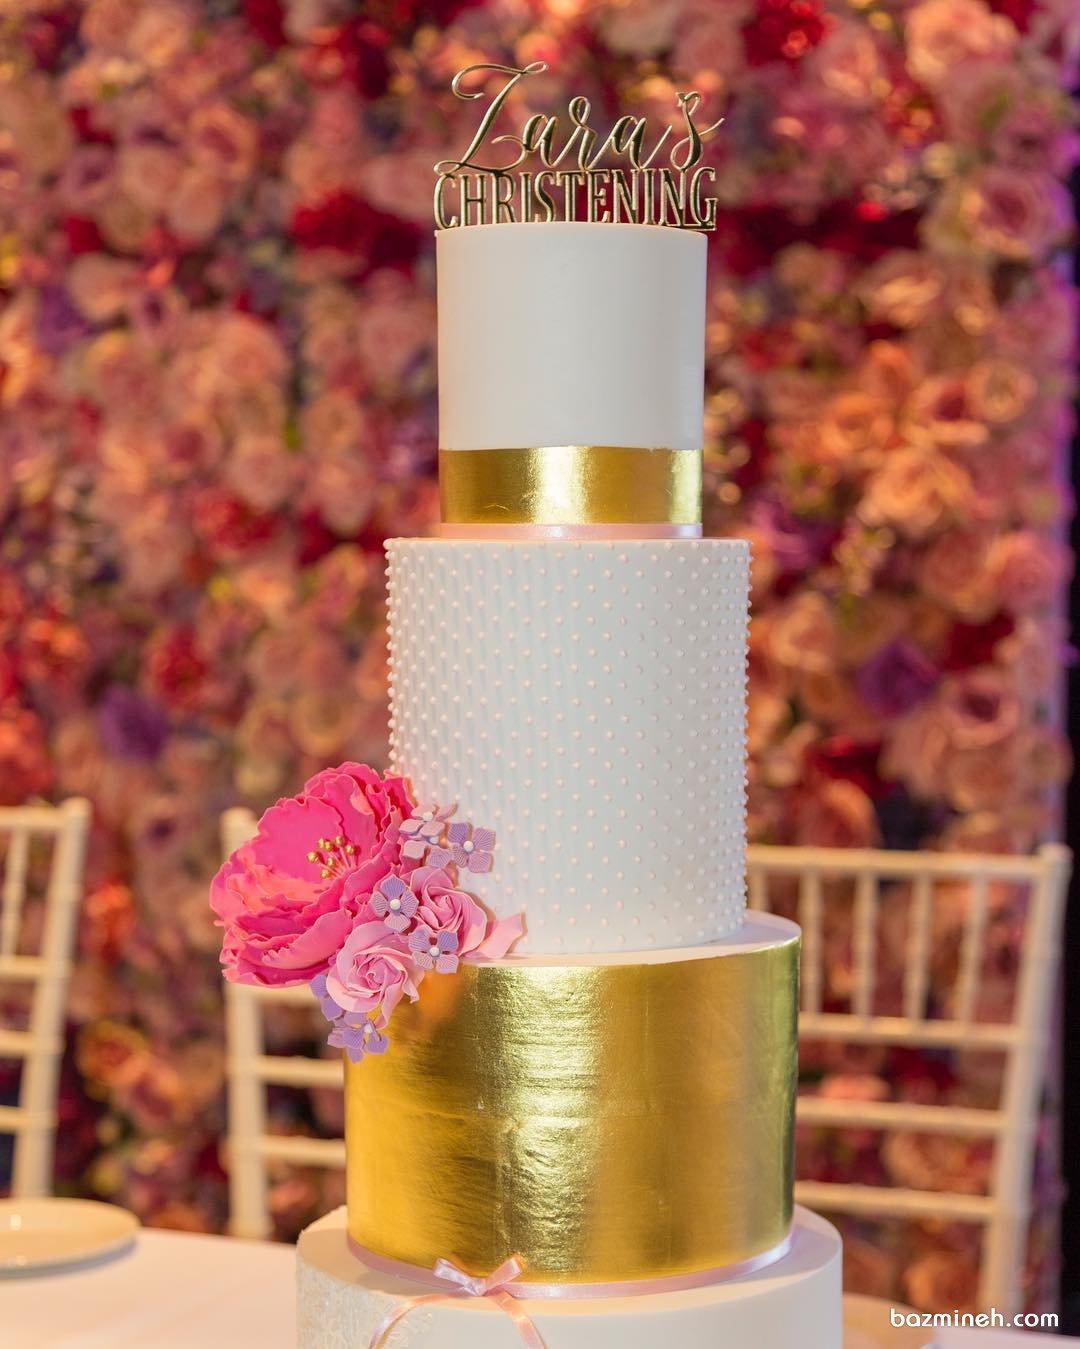 کیک سه طبقه جشن تولد بزرگسال یا سالگرد ازدواج با تم سفید طلایی